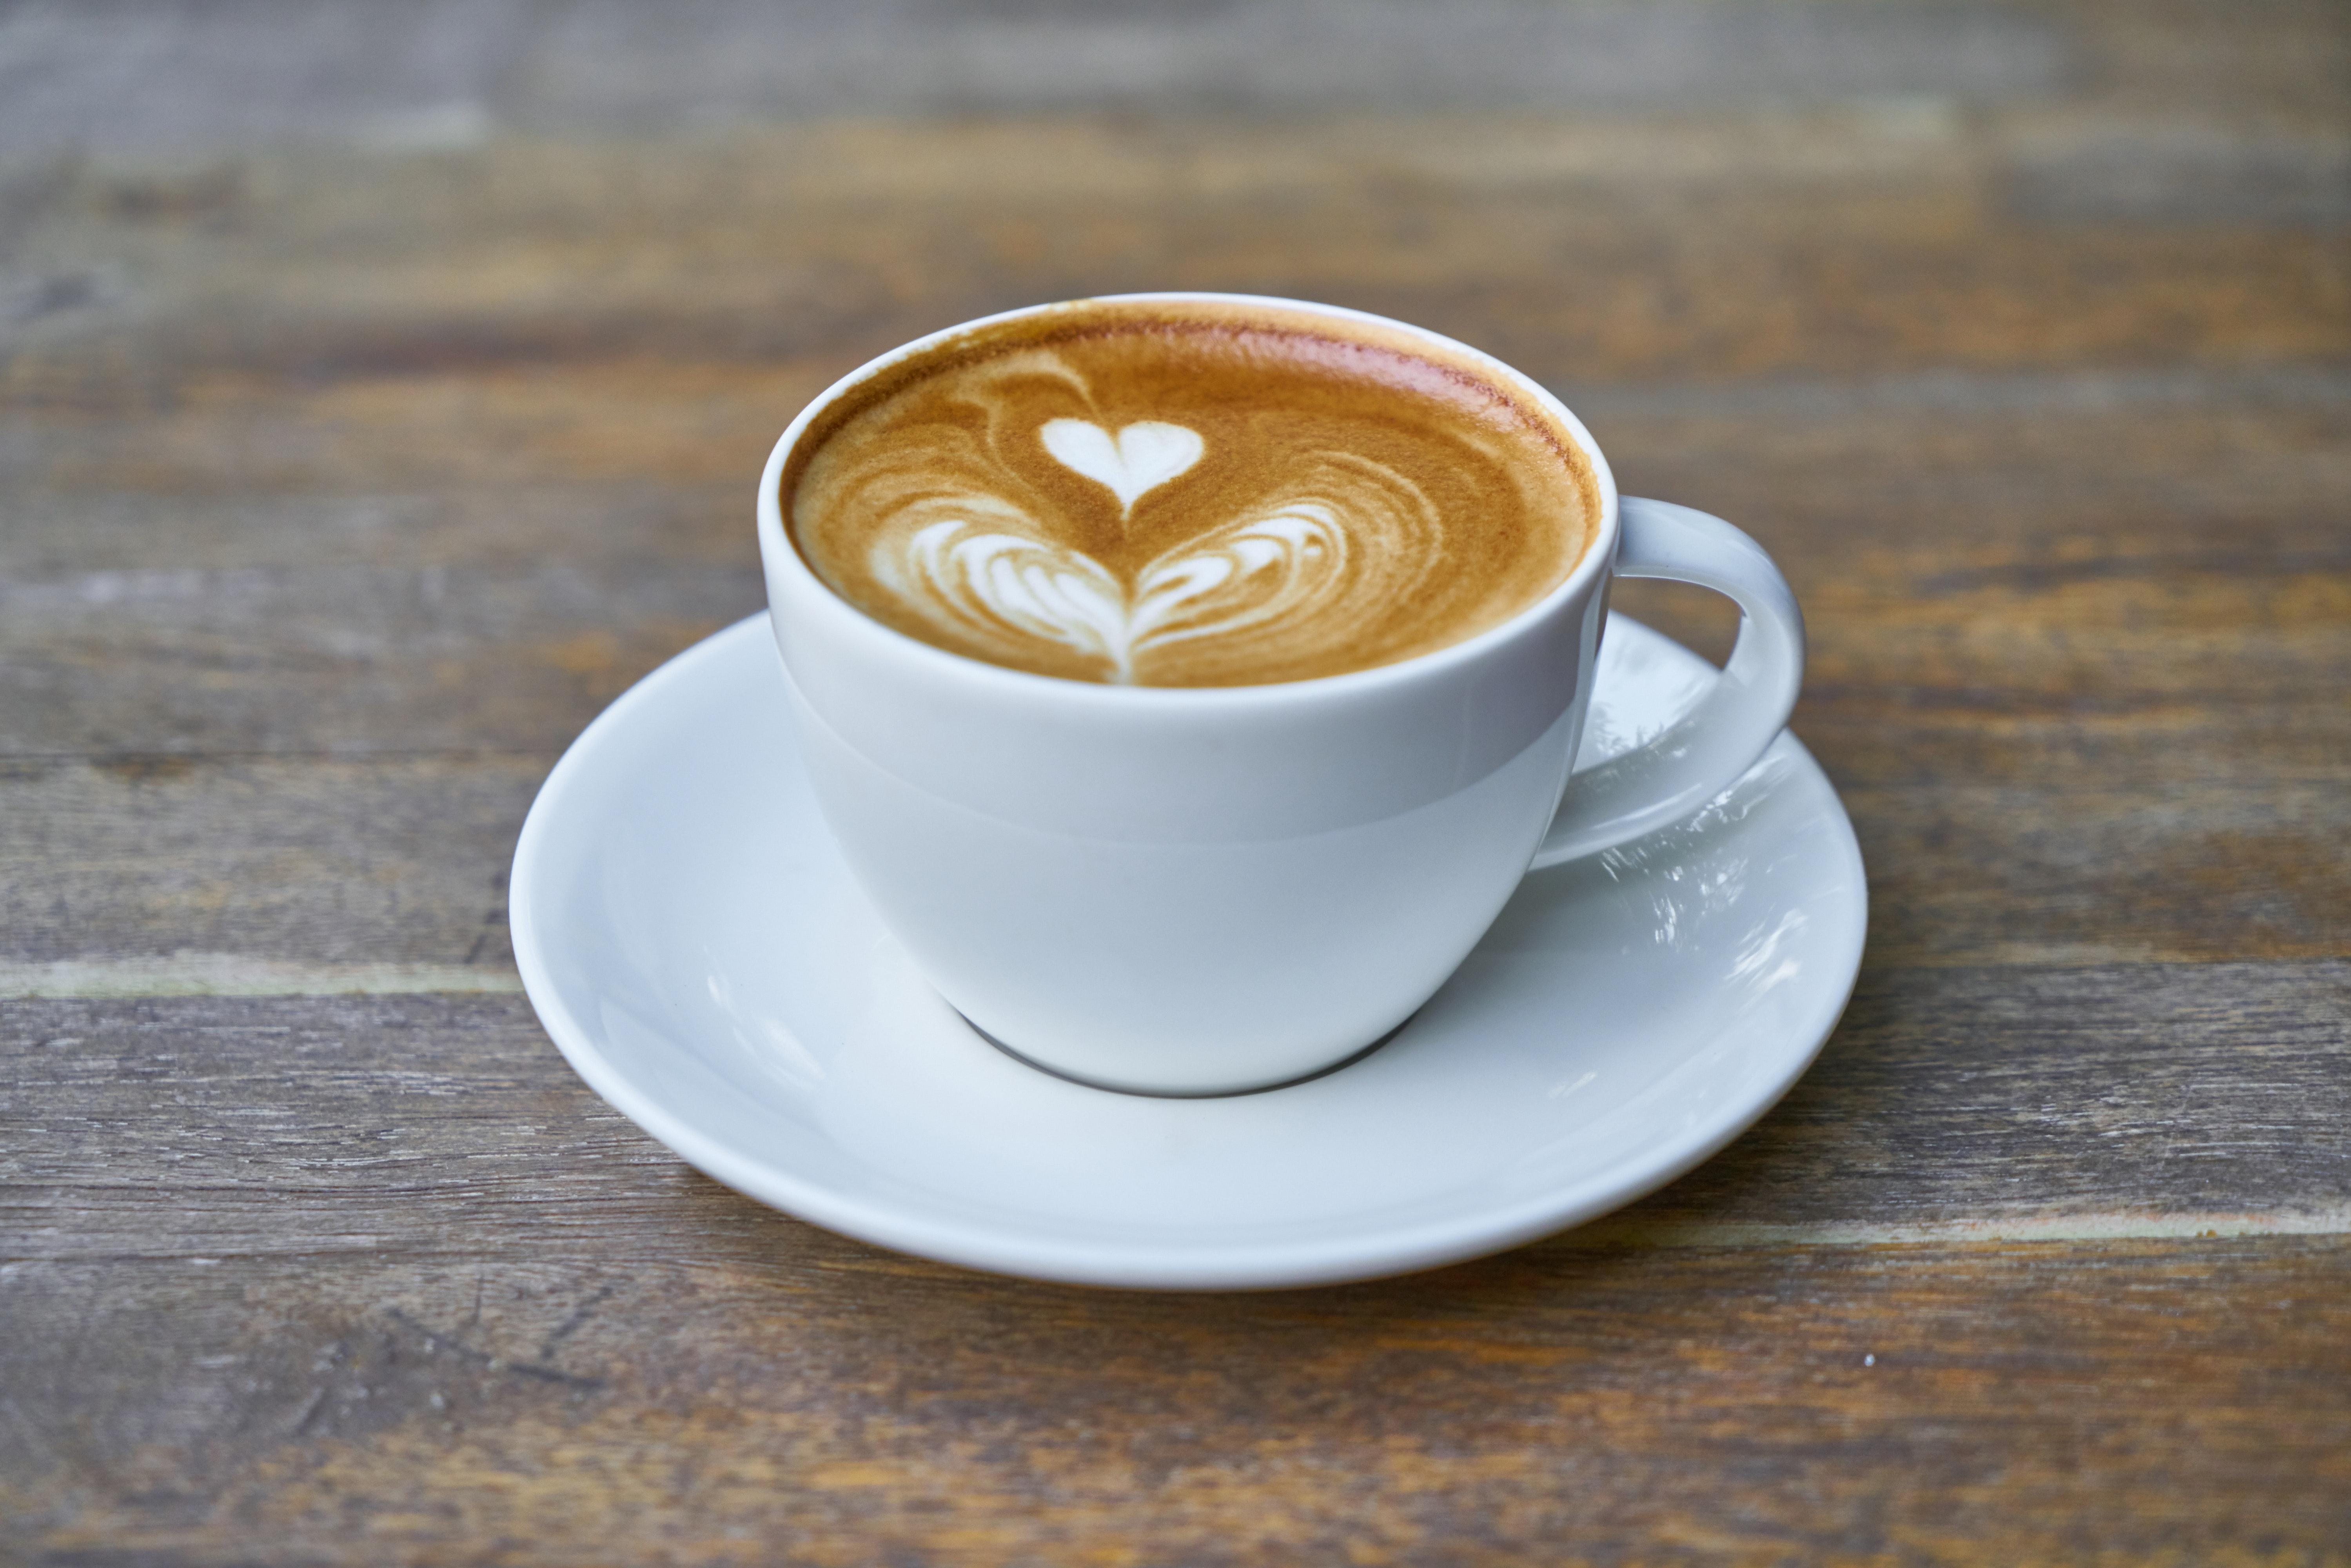 Kostenlose tasse kaffee Bilder · Pexels